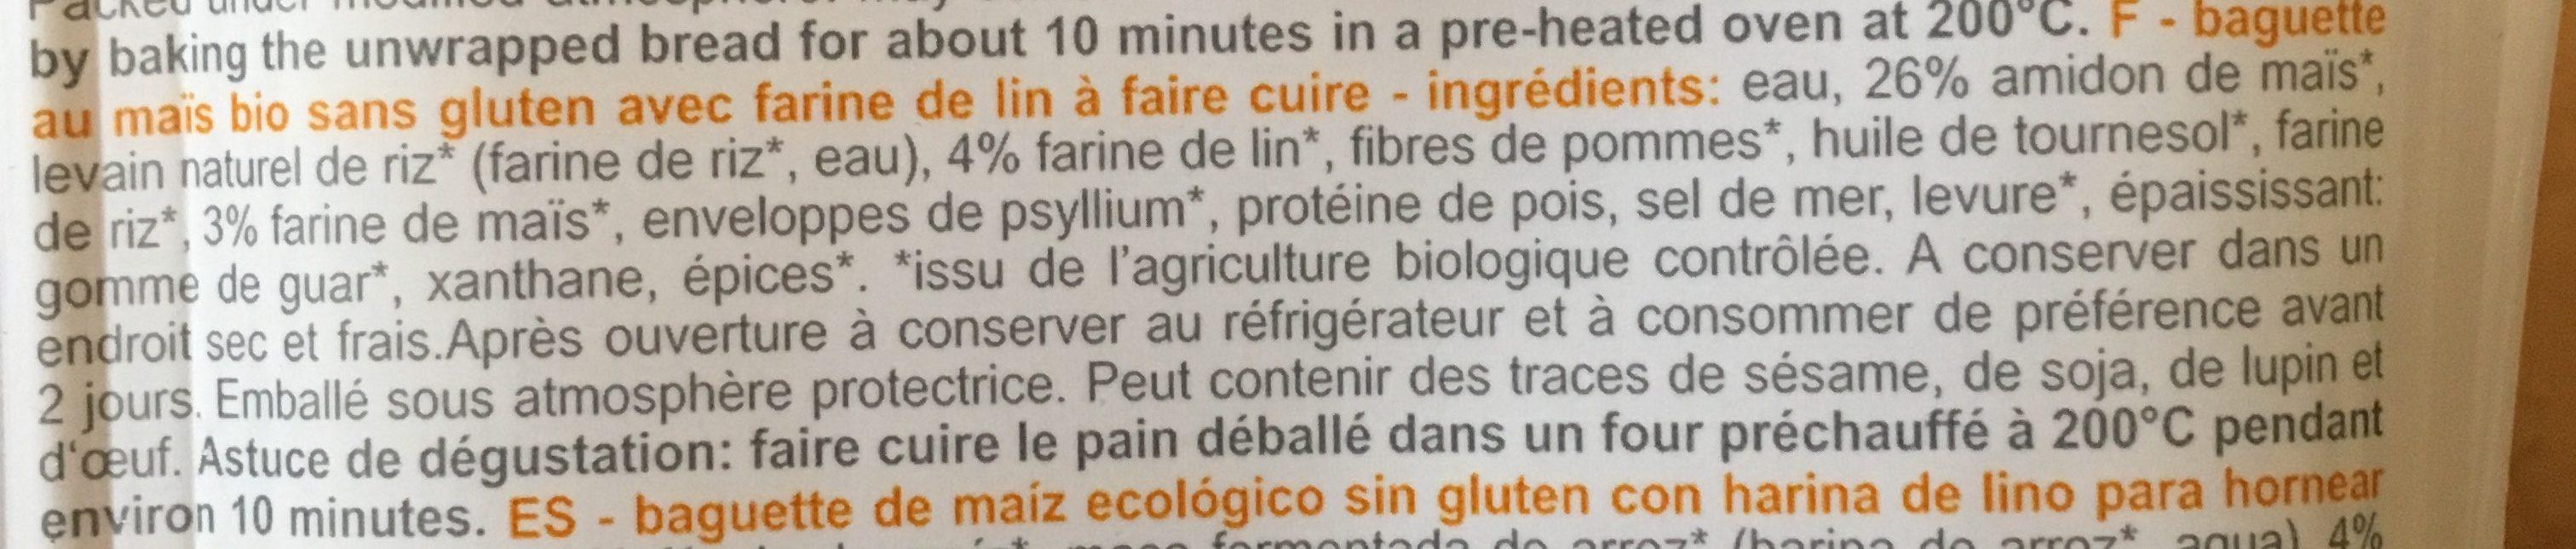 Gluten Free Organic Baguette Rustic - Ingredients